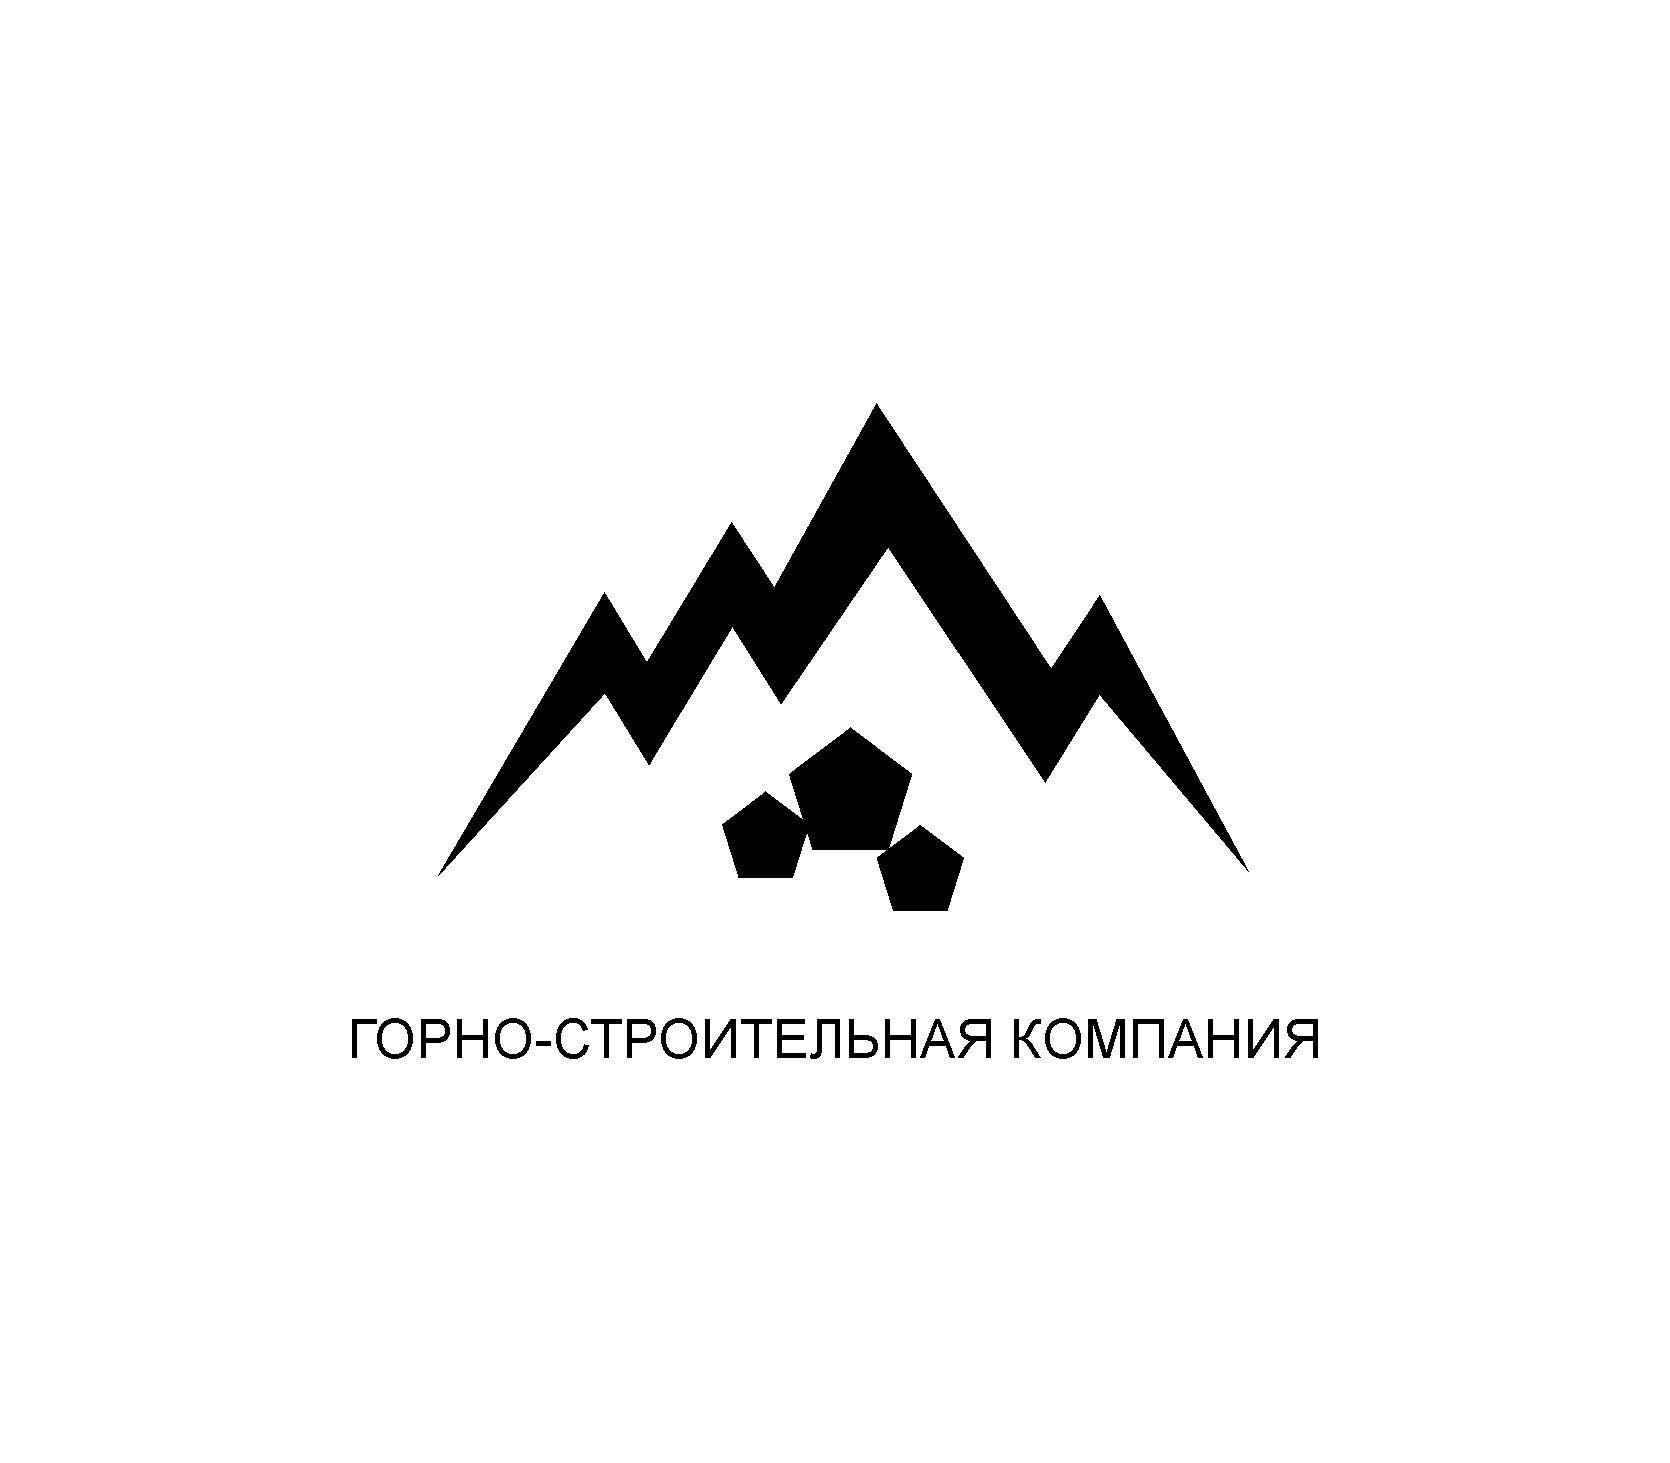 Логотип для Горно-Строительной Компании - дизайнер Krasivayav